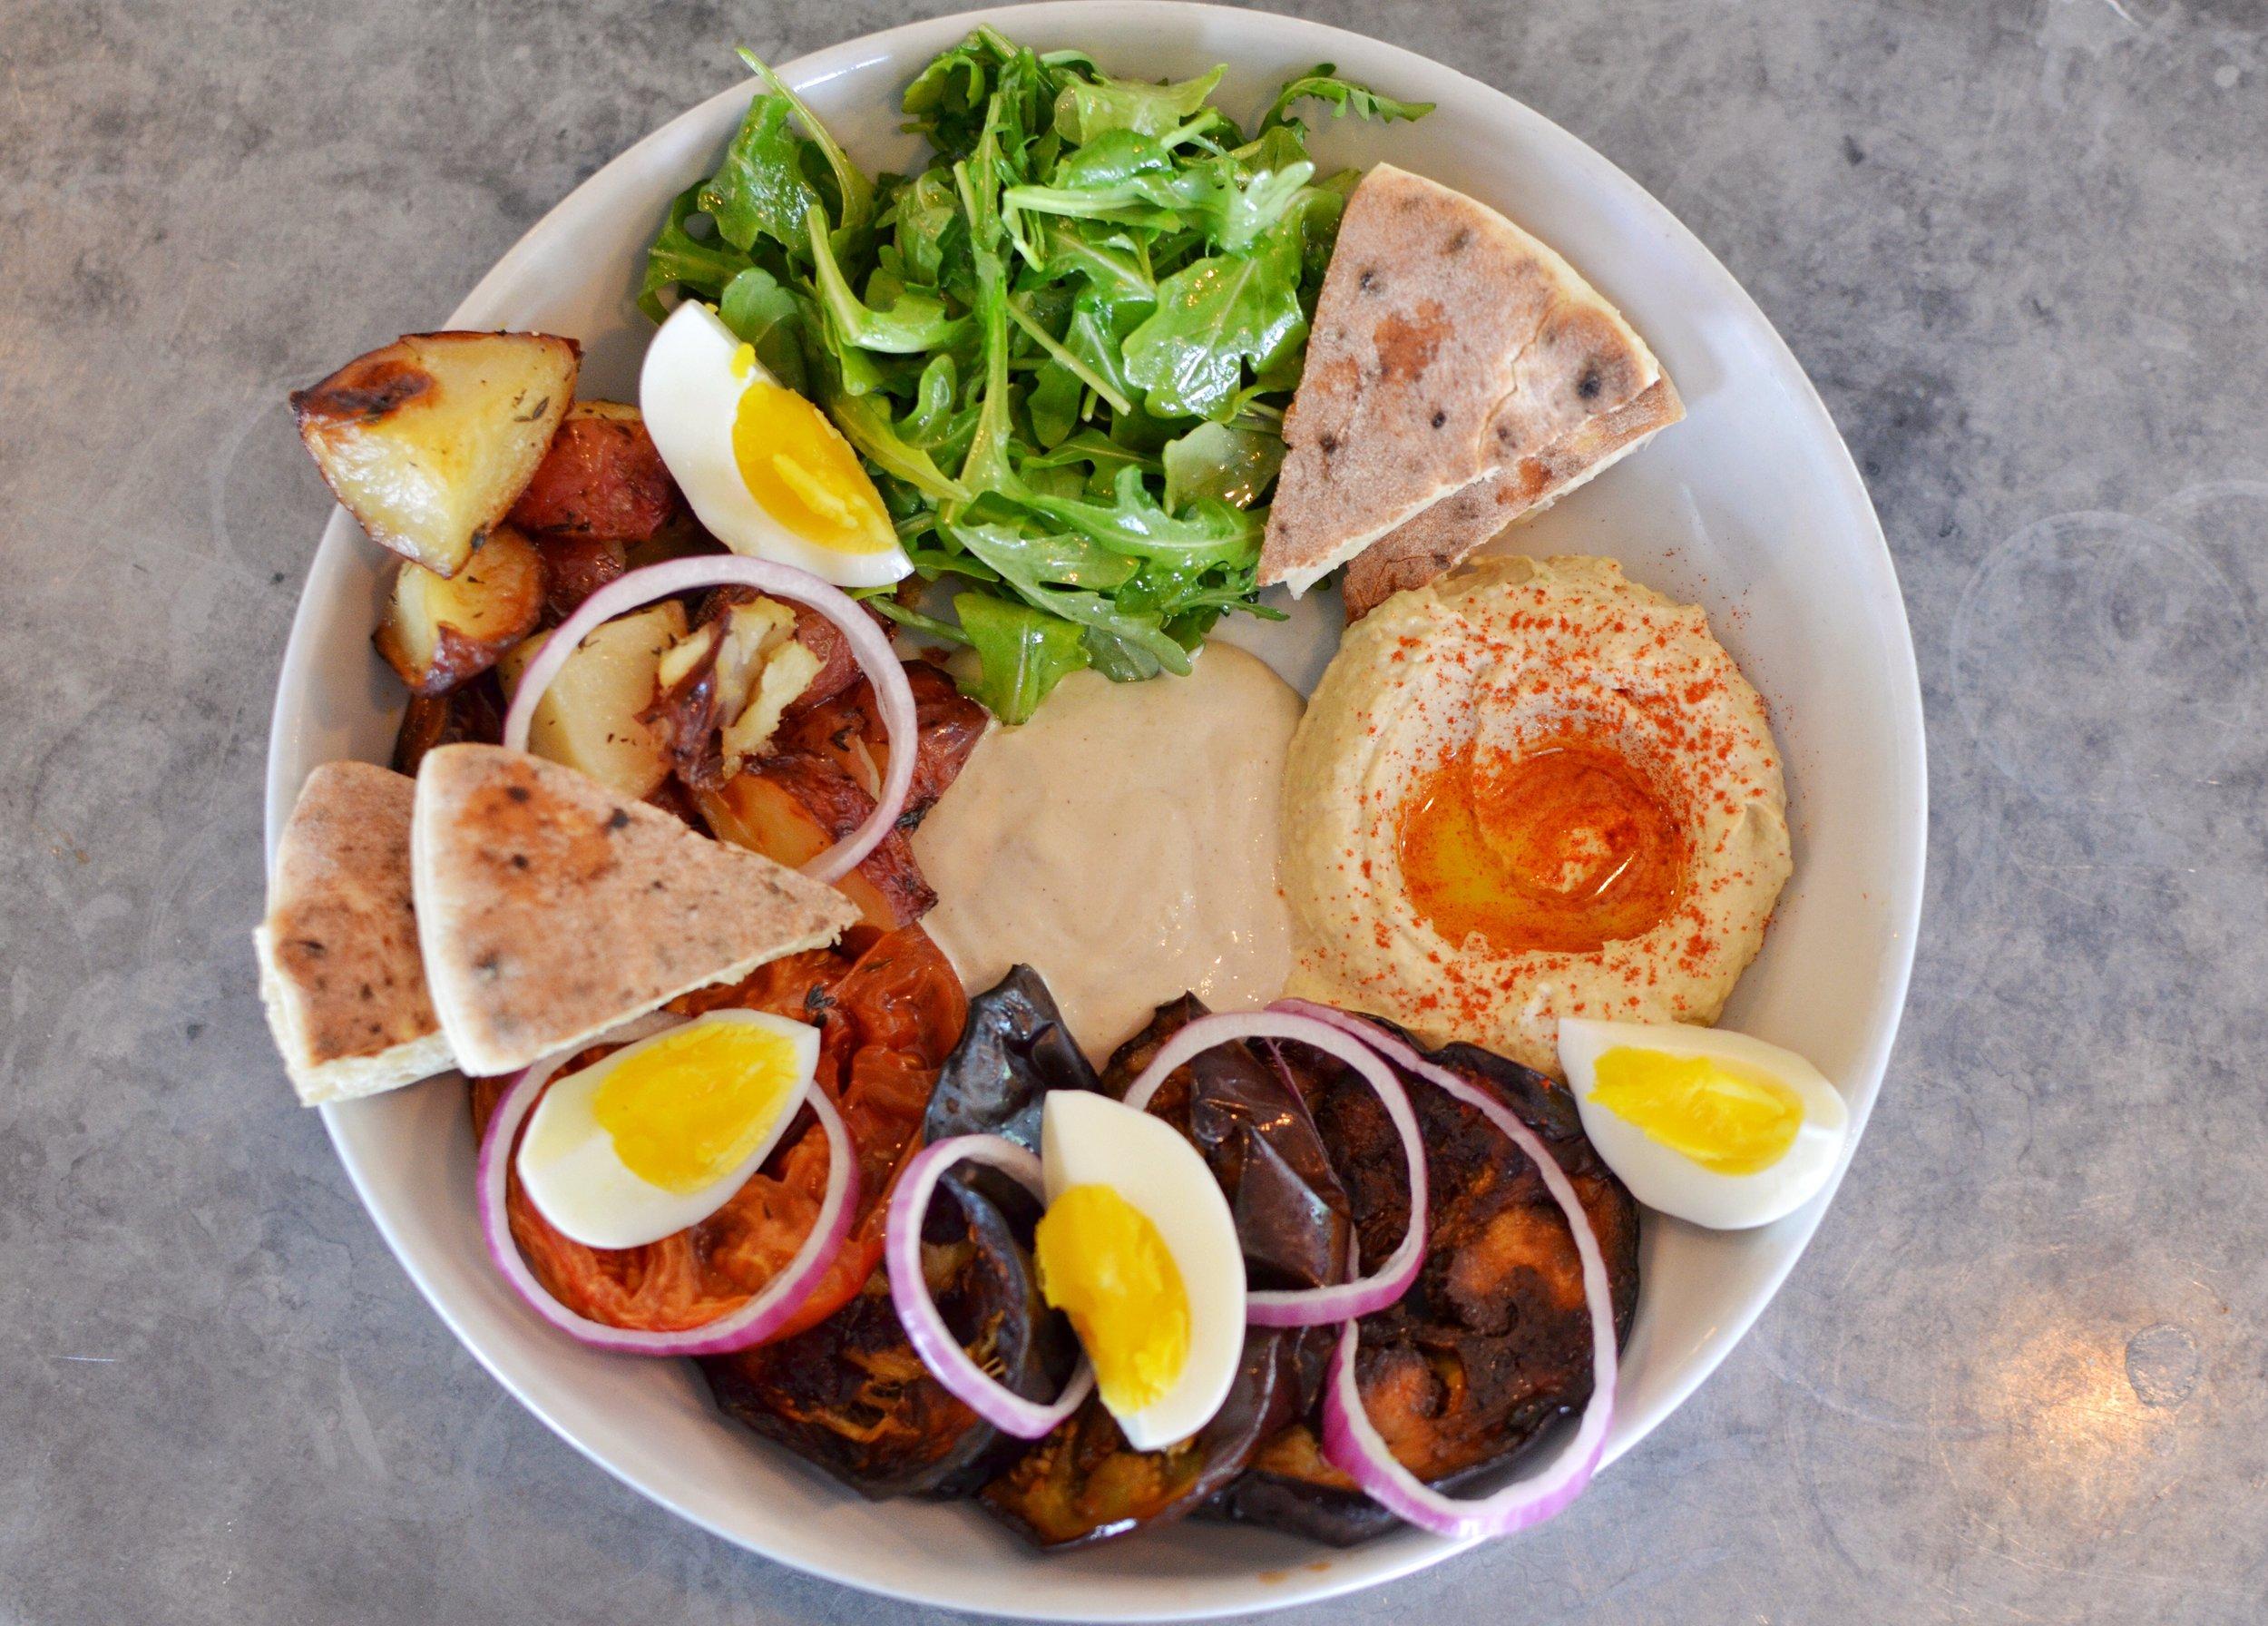 Sabich platter- tahini, hummus, boiled eggs, tomato, eggplant, onions